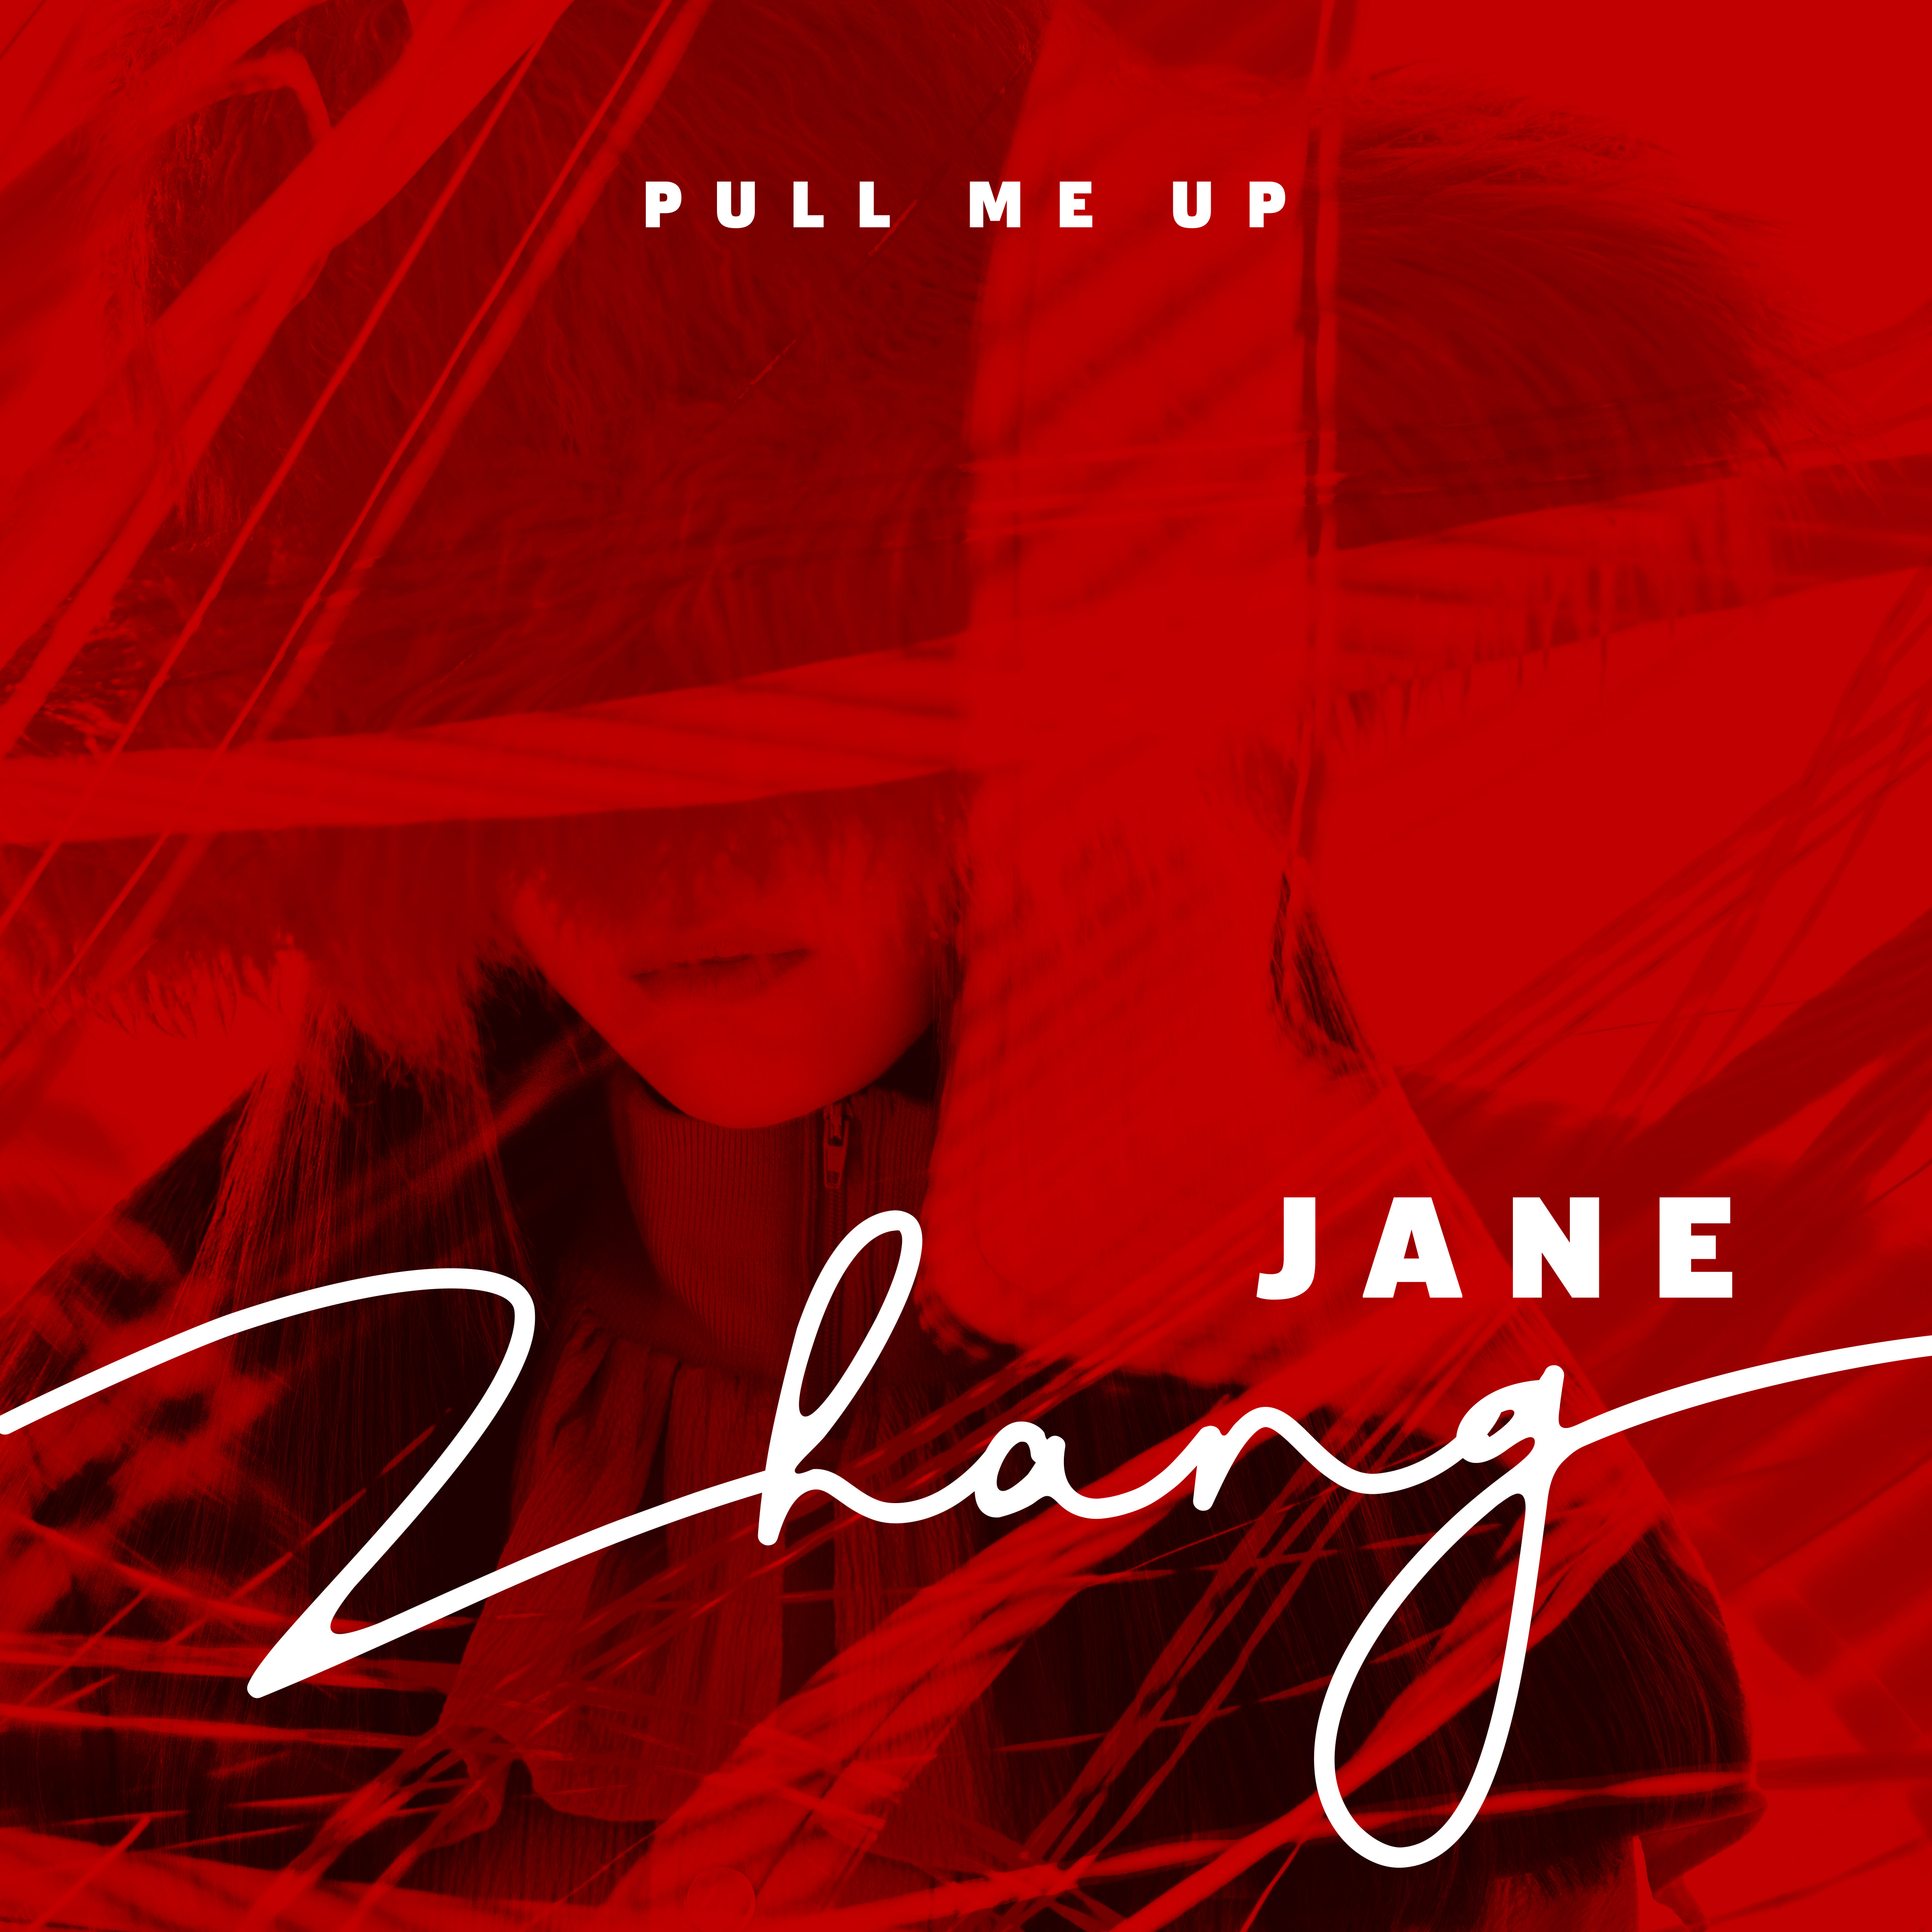 张靓颖英单《Pull Me Up》上线 清冷迷幻尽显魅惑